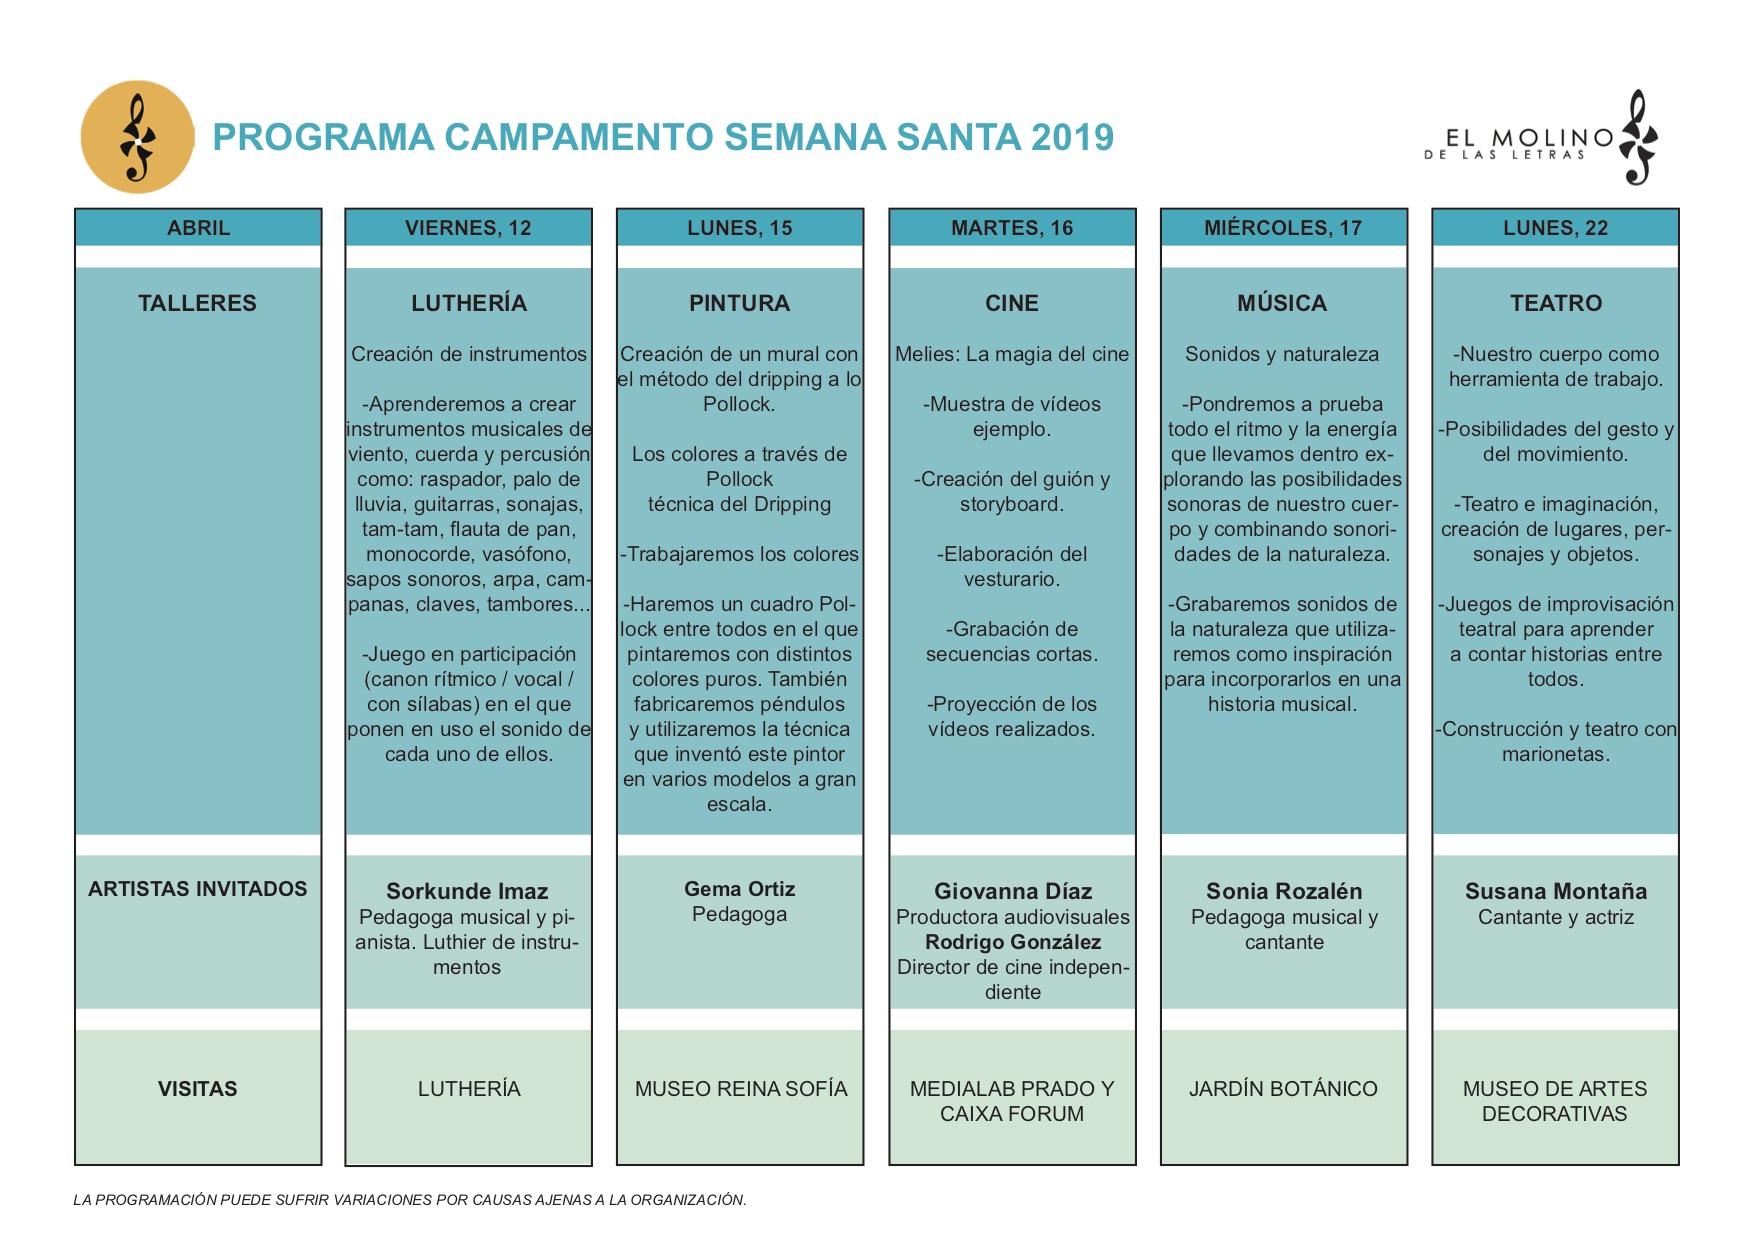 Programa del Campamento de Semana Santa en El Molino de Las Letras, Escuela de Música y otras Artes en el centro de Madrid.